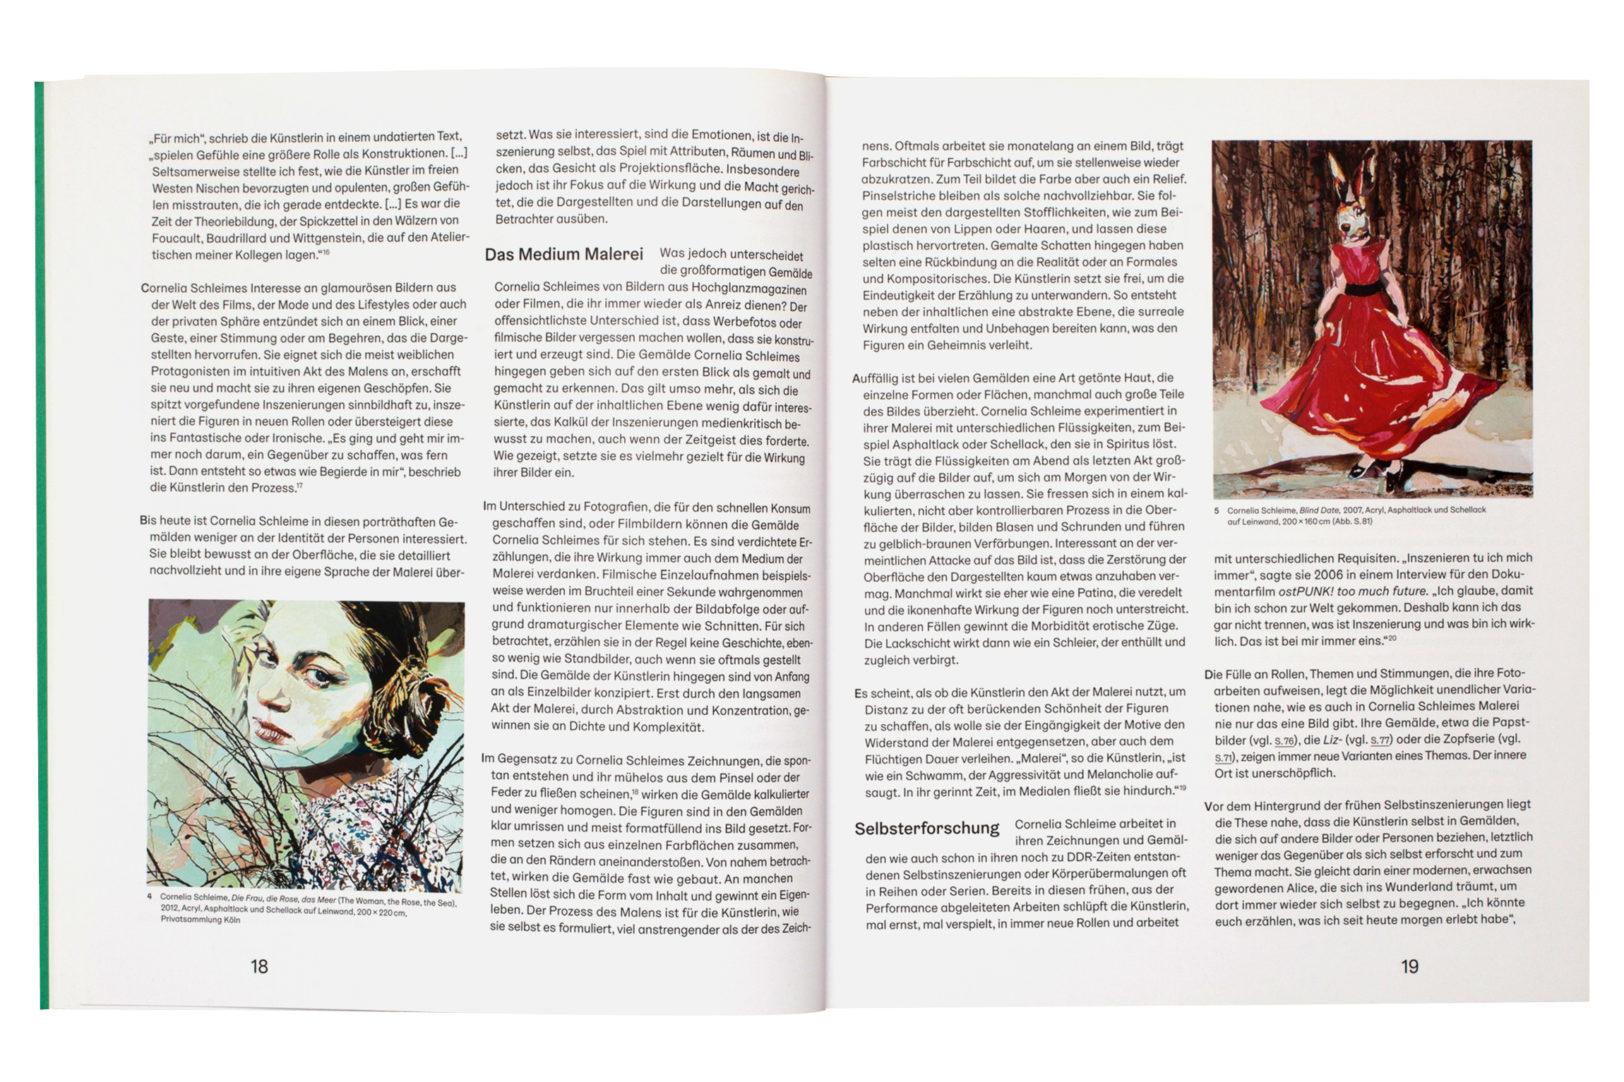 http://e-o-t.de/wordpress/wp-content/uploads/2017/11/eot-2016-CorneliaSchleime-Book-6.jpg